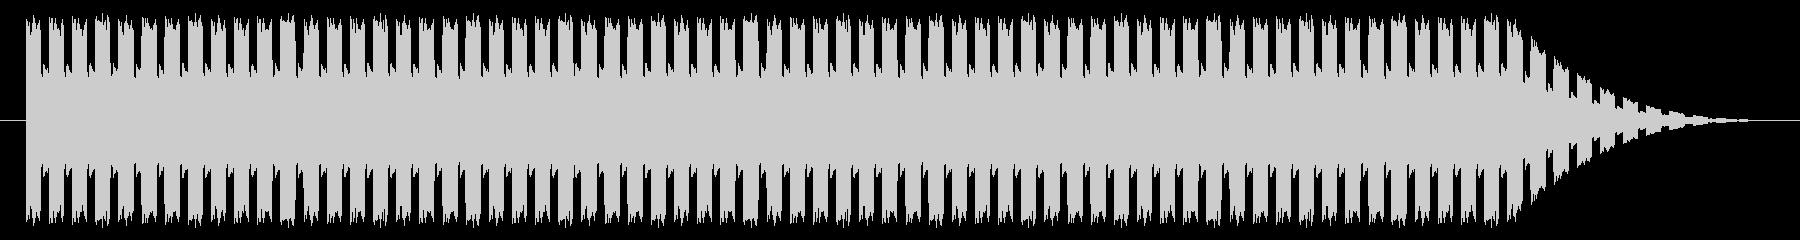 NES STG A02-1(ボス) の未再生の波形